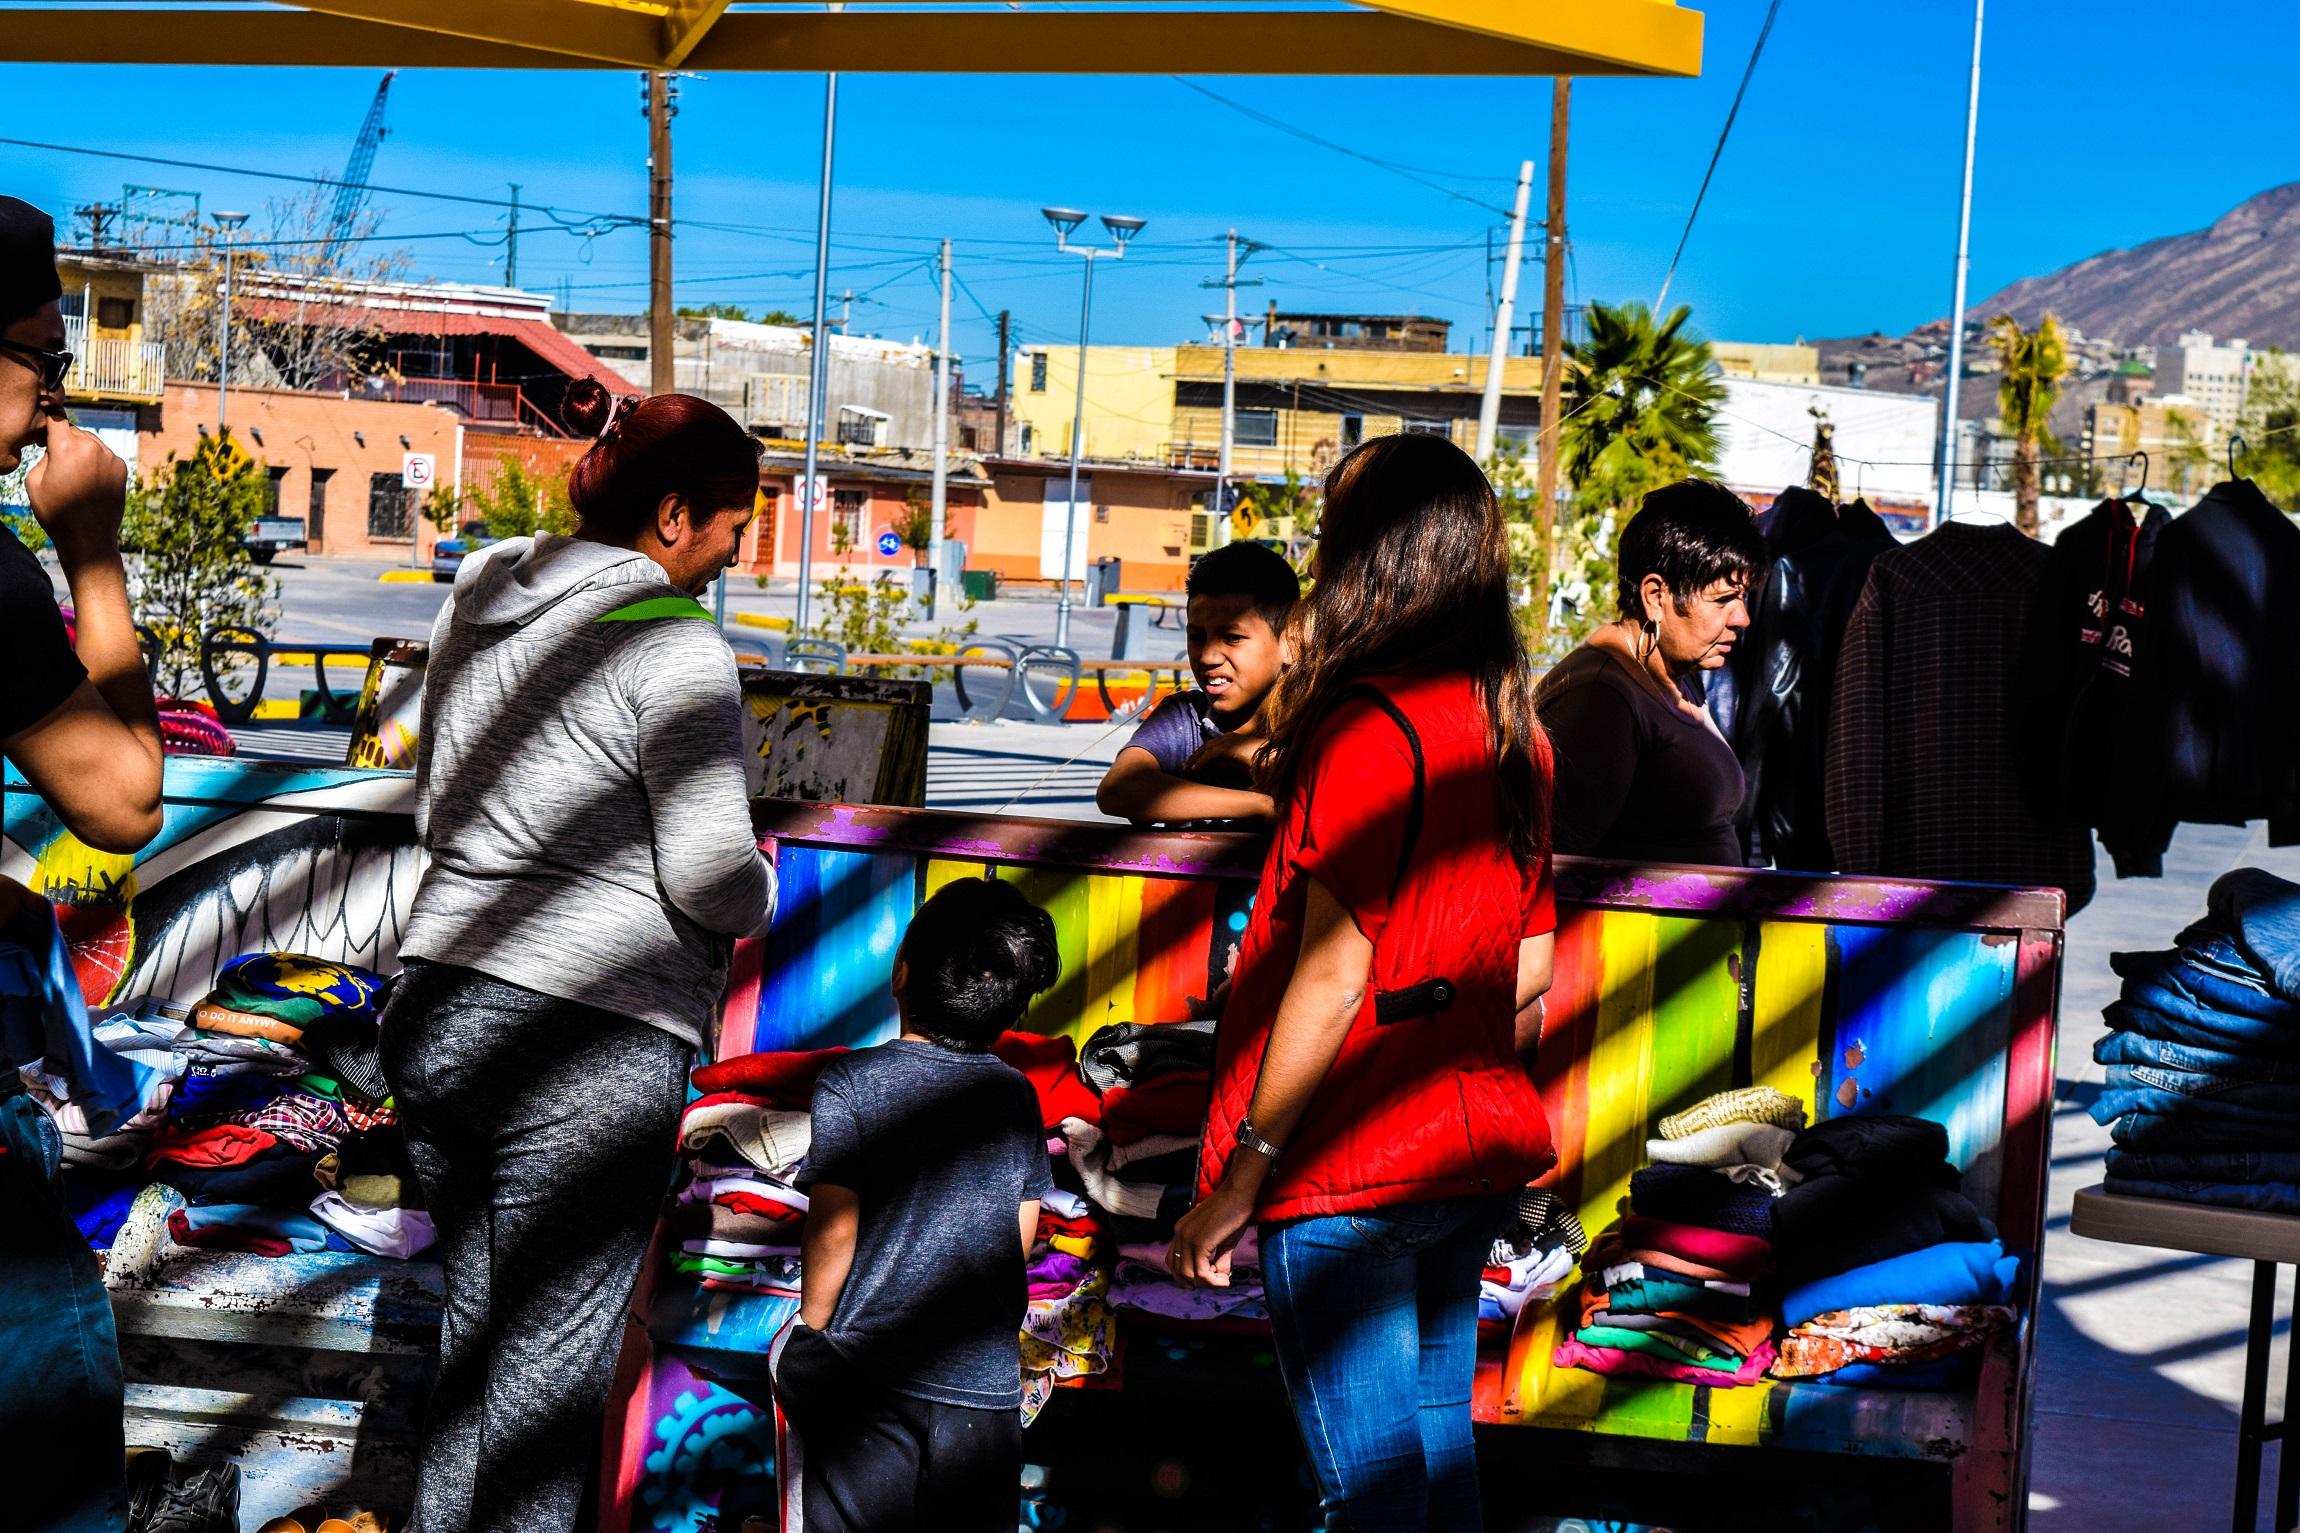 Comercio mexicano en frontera subió por cierre, pero no hay que cantar victoria: Concanaco